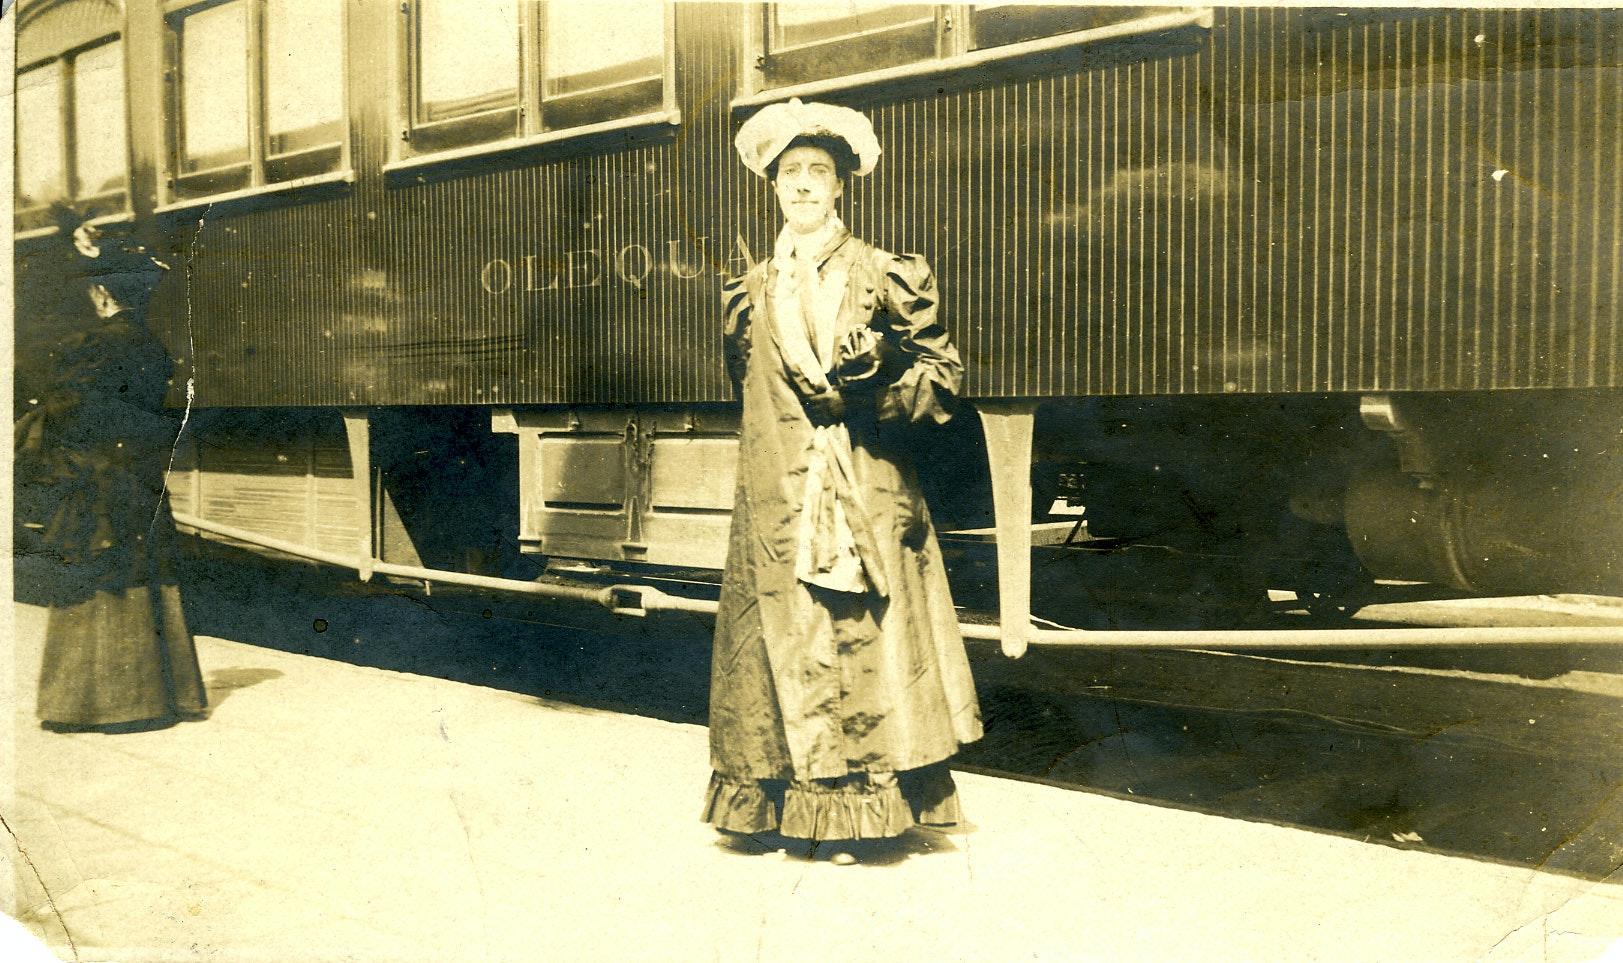 Charlotte Perkins Gilman at train station